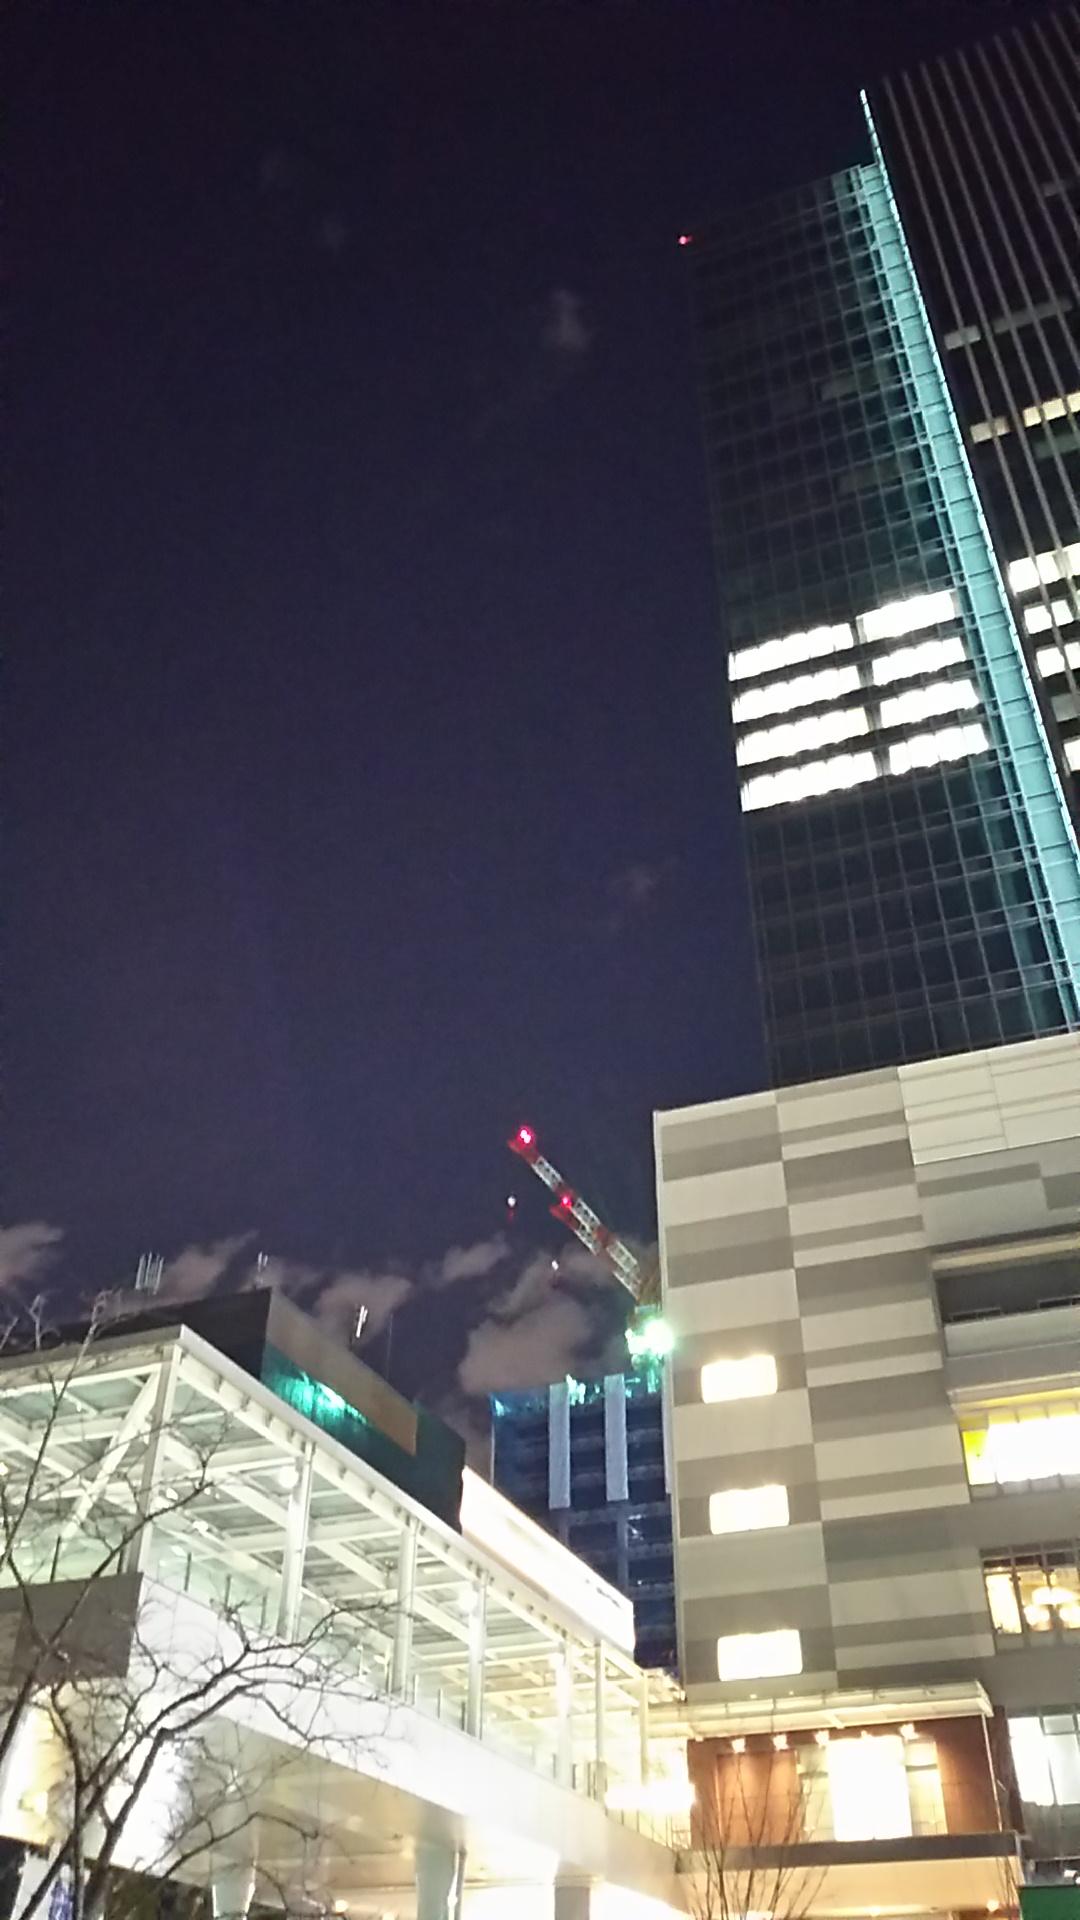 田町駅周辺のビルの合間からクレーン